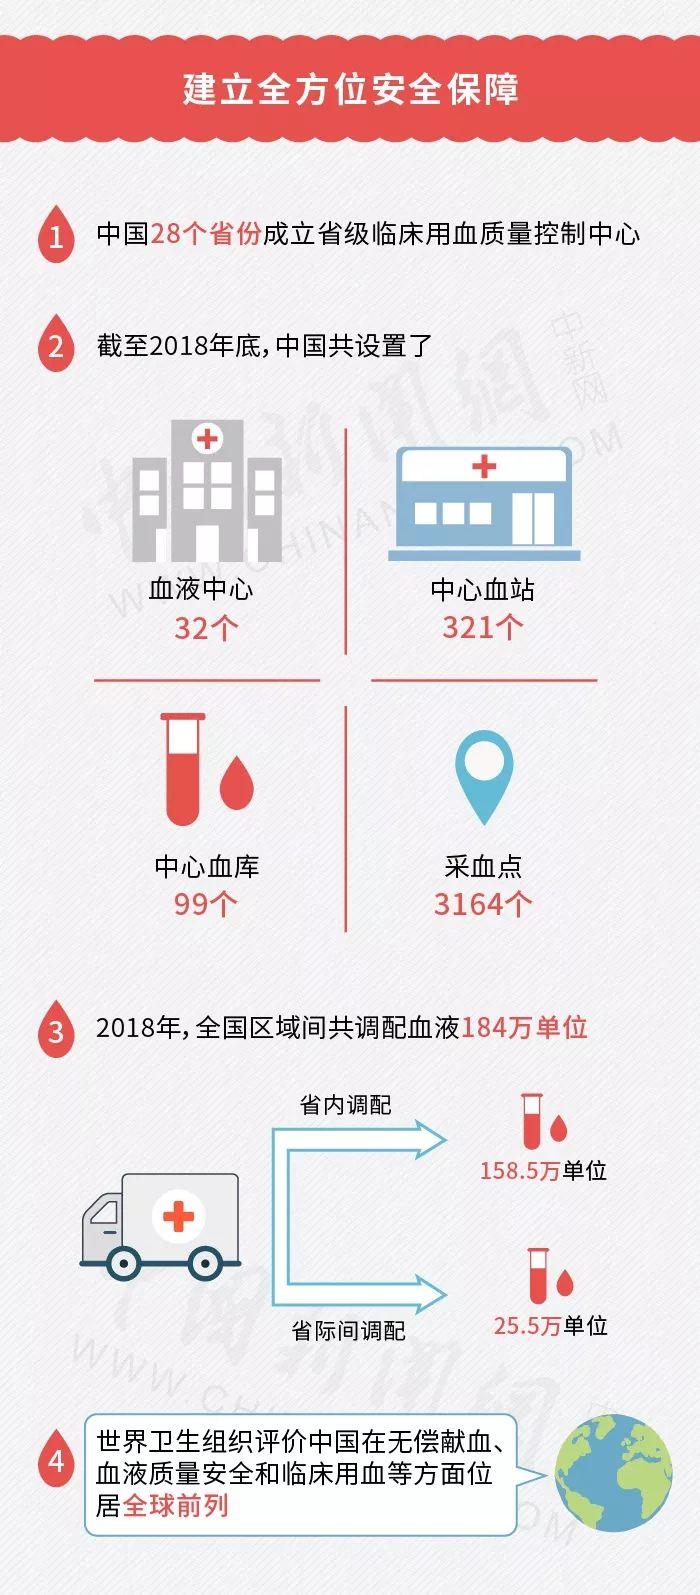 无偿献血将纳入征信系统 网友吵翻 不献血就进黑名单图片 147964 700x1595